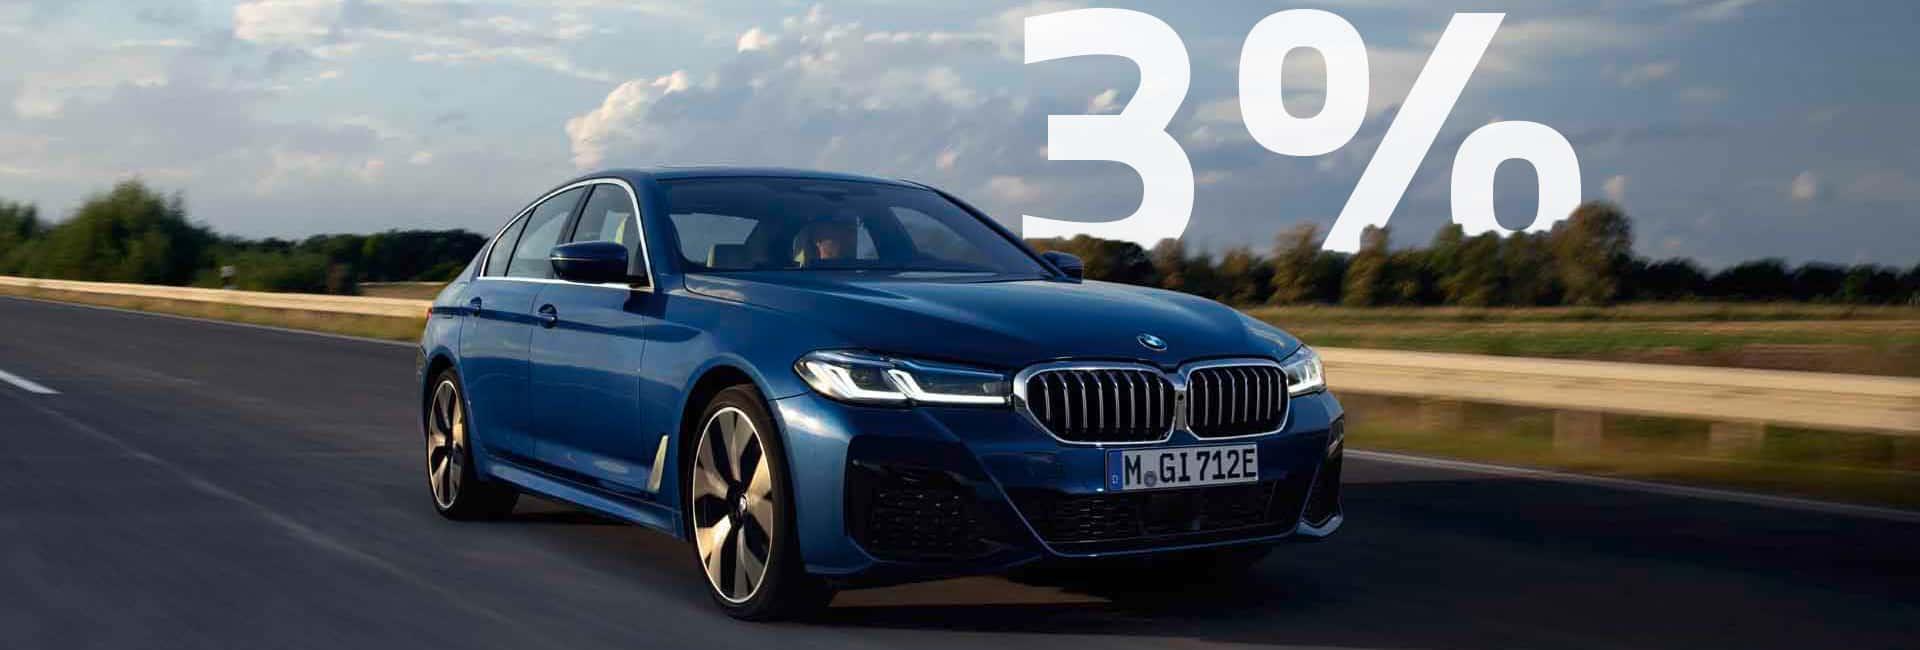 BMW Mehrwertsteuerersparnis